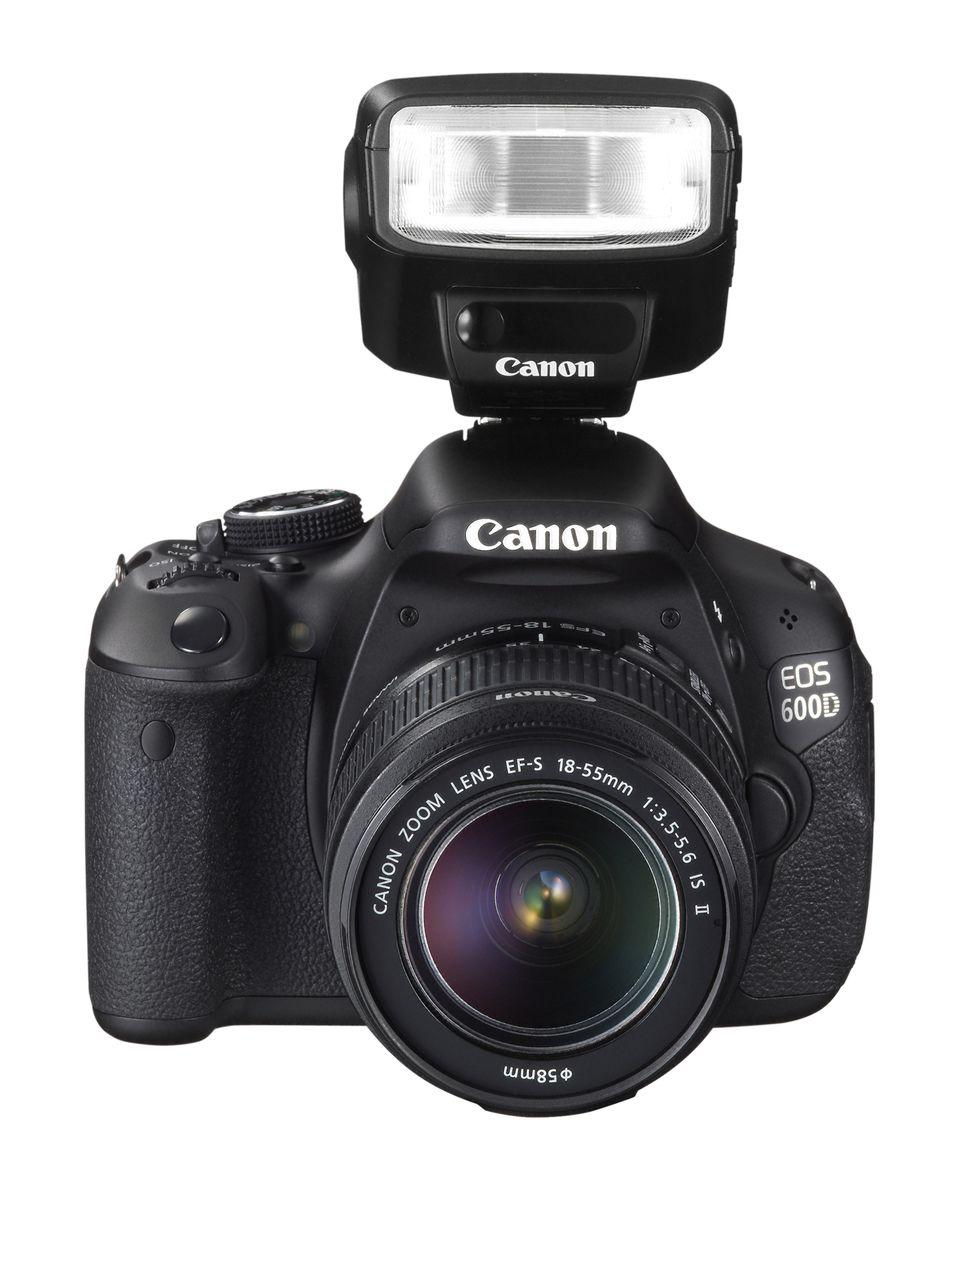 A Canon EOS 600D camera